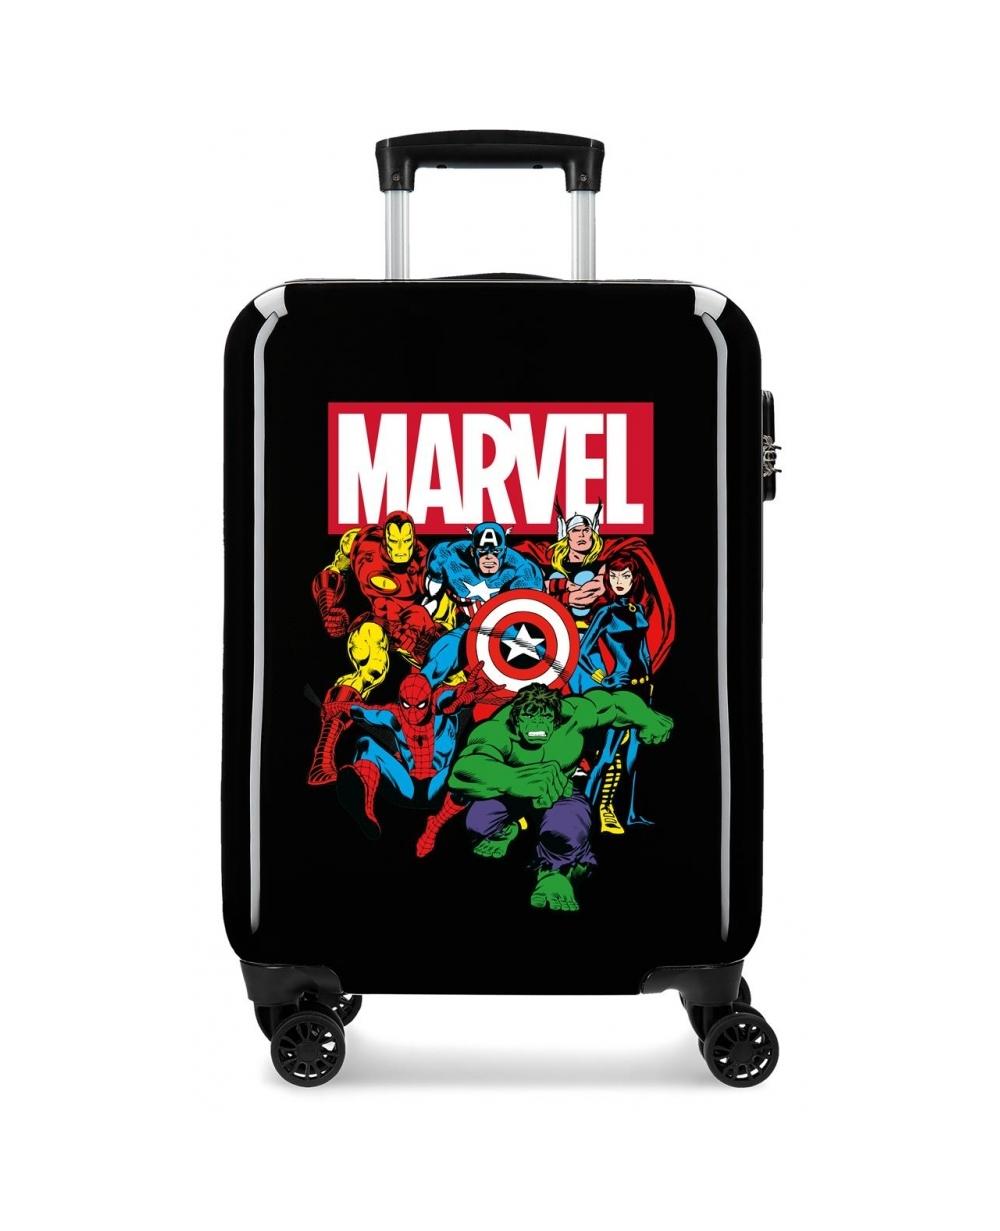 Marvel Maleta de Cabina Sky Avengers rígida  Negra Negro (Foto )